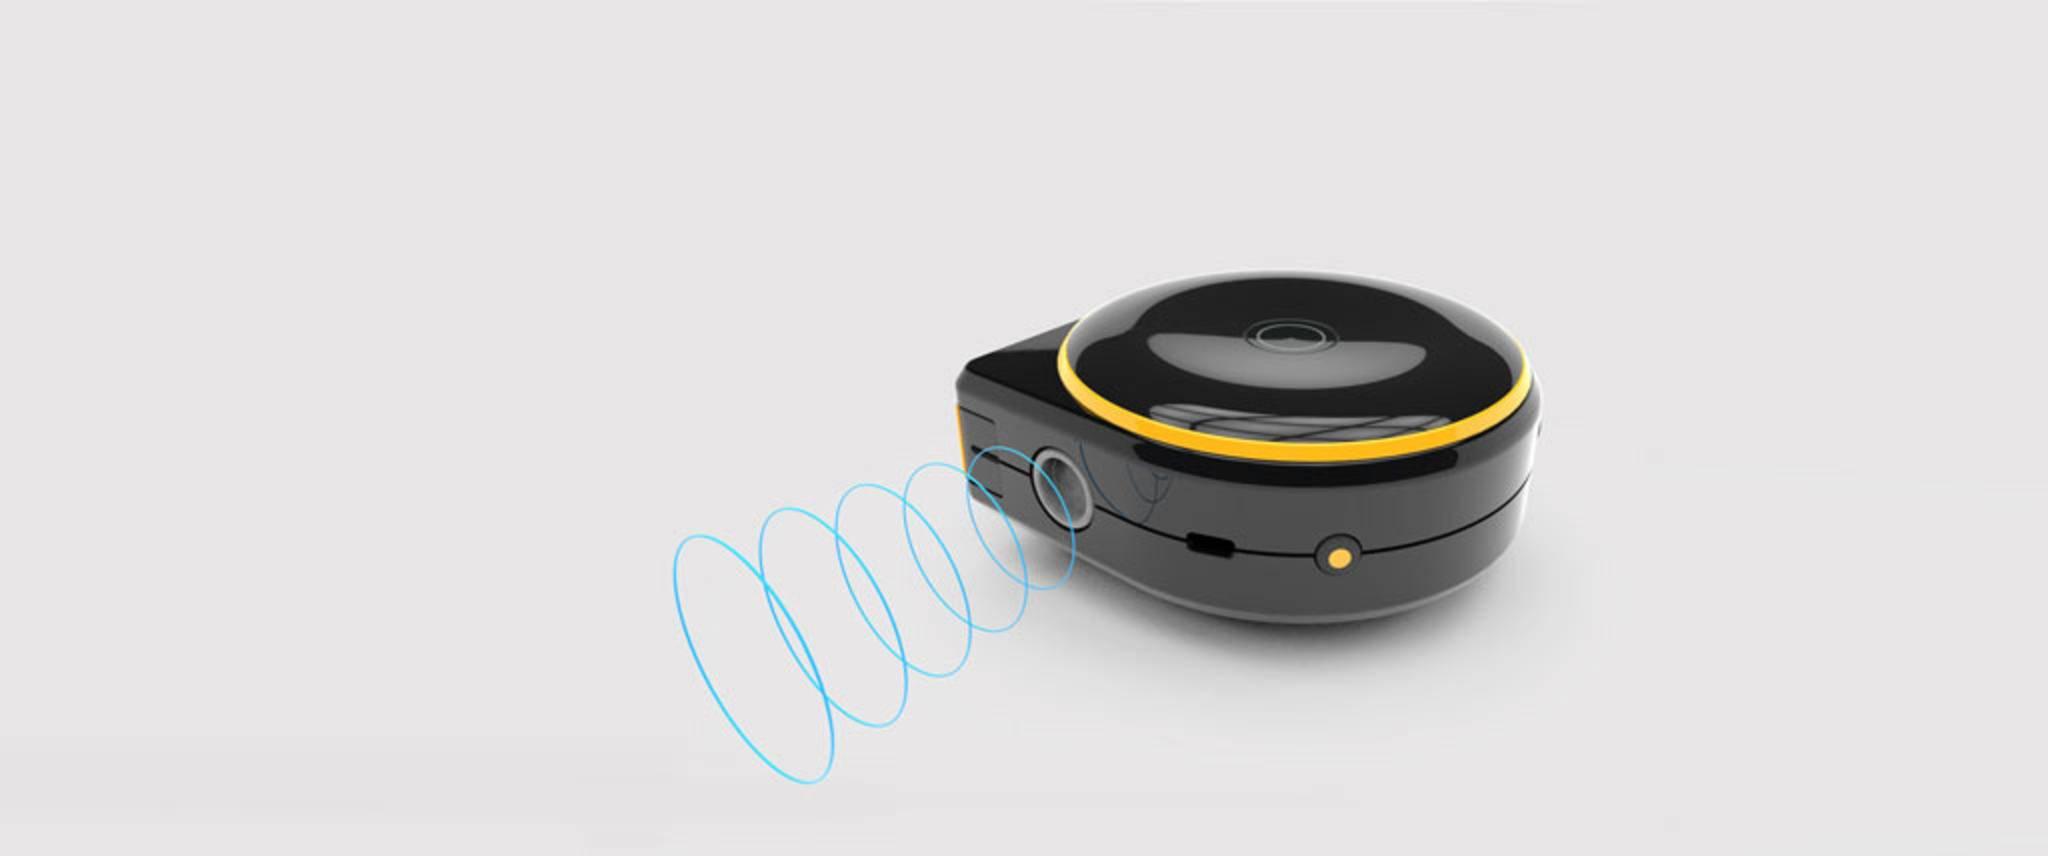 Der Remote Mode misst per Laser den Abstand zu einem Objekt.